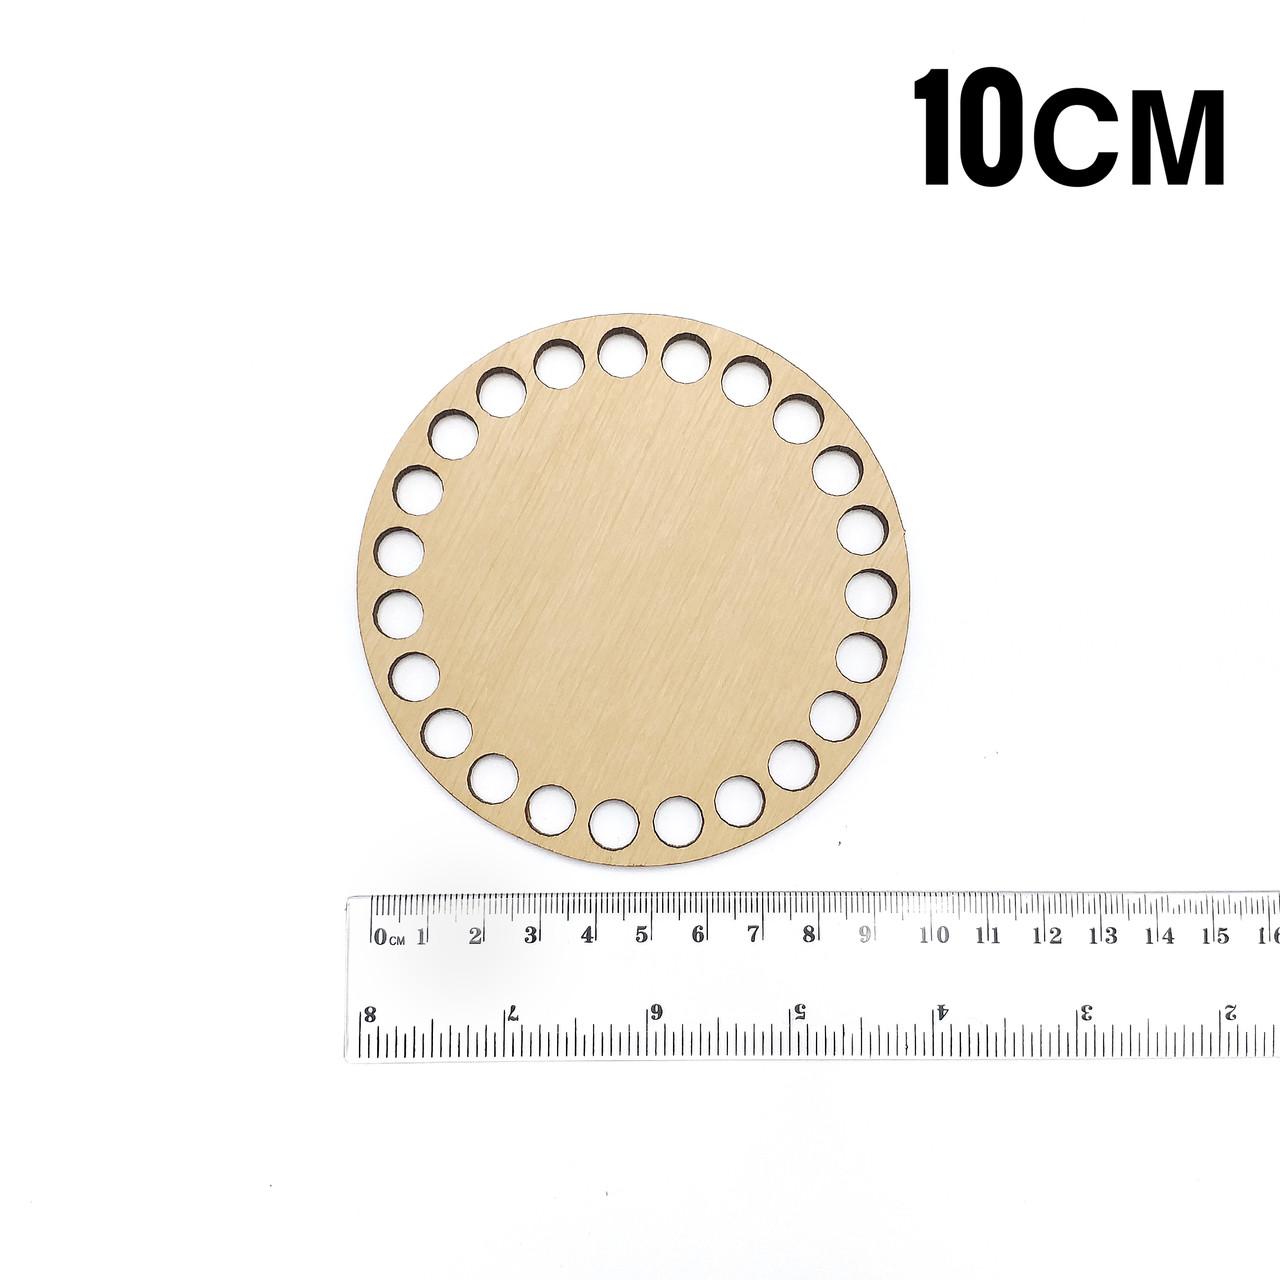 Донышко деревянное круглое диаметр 10см